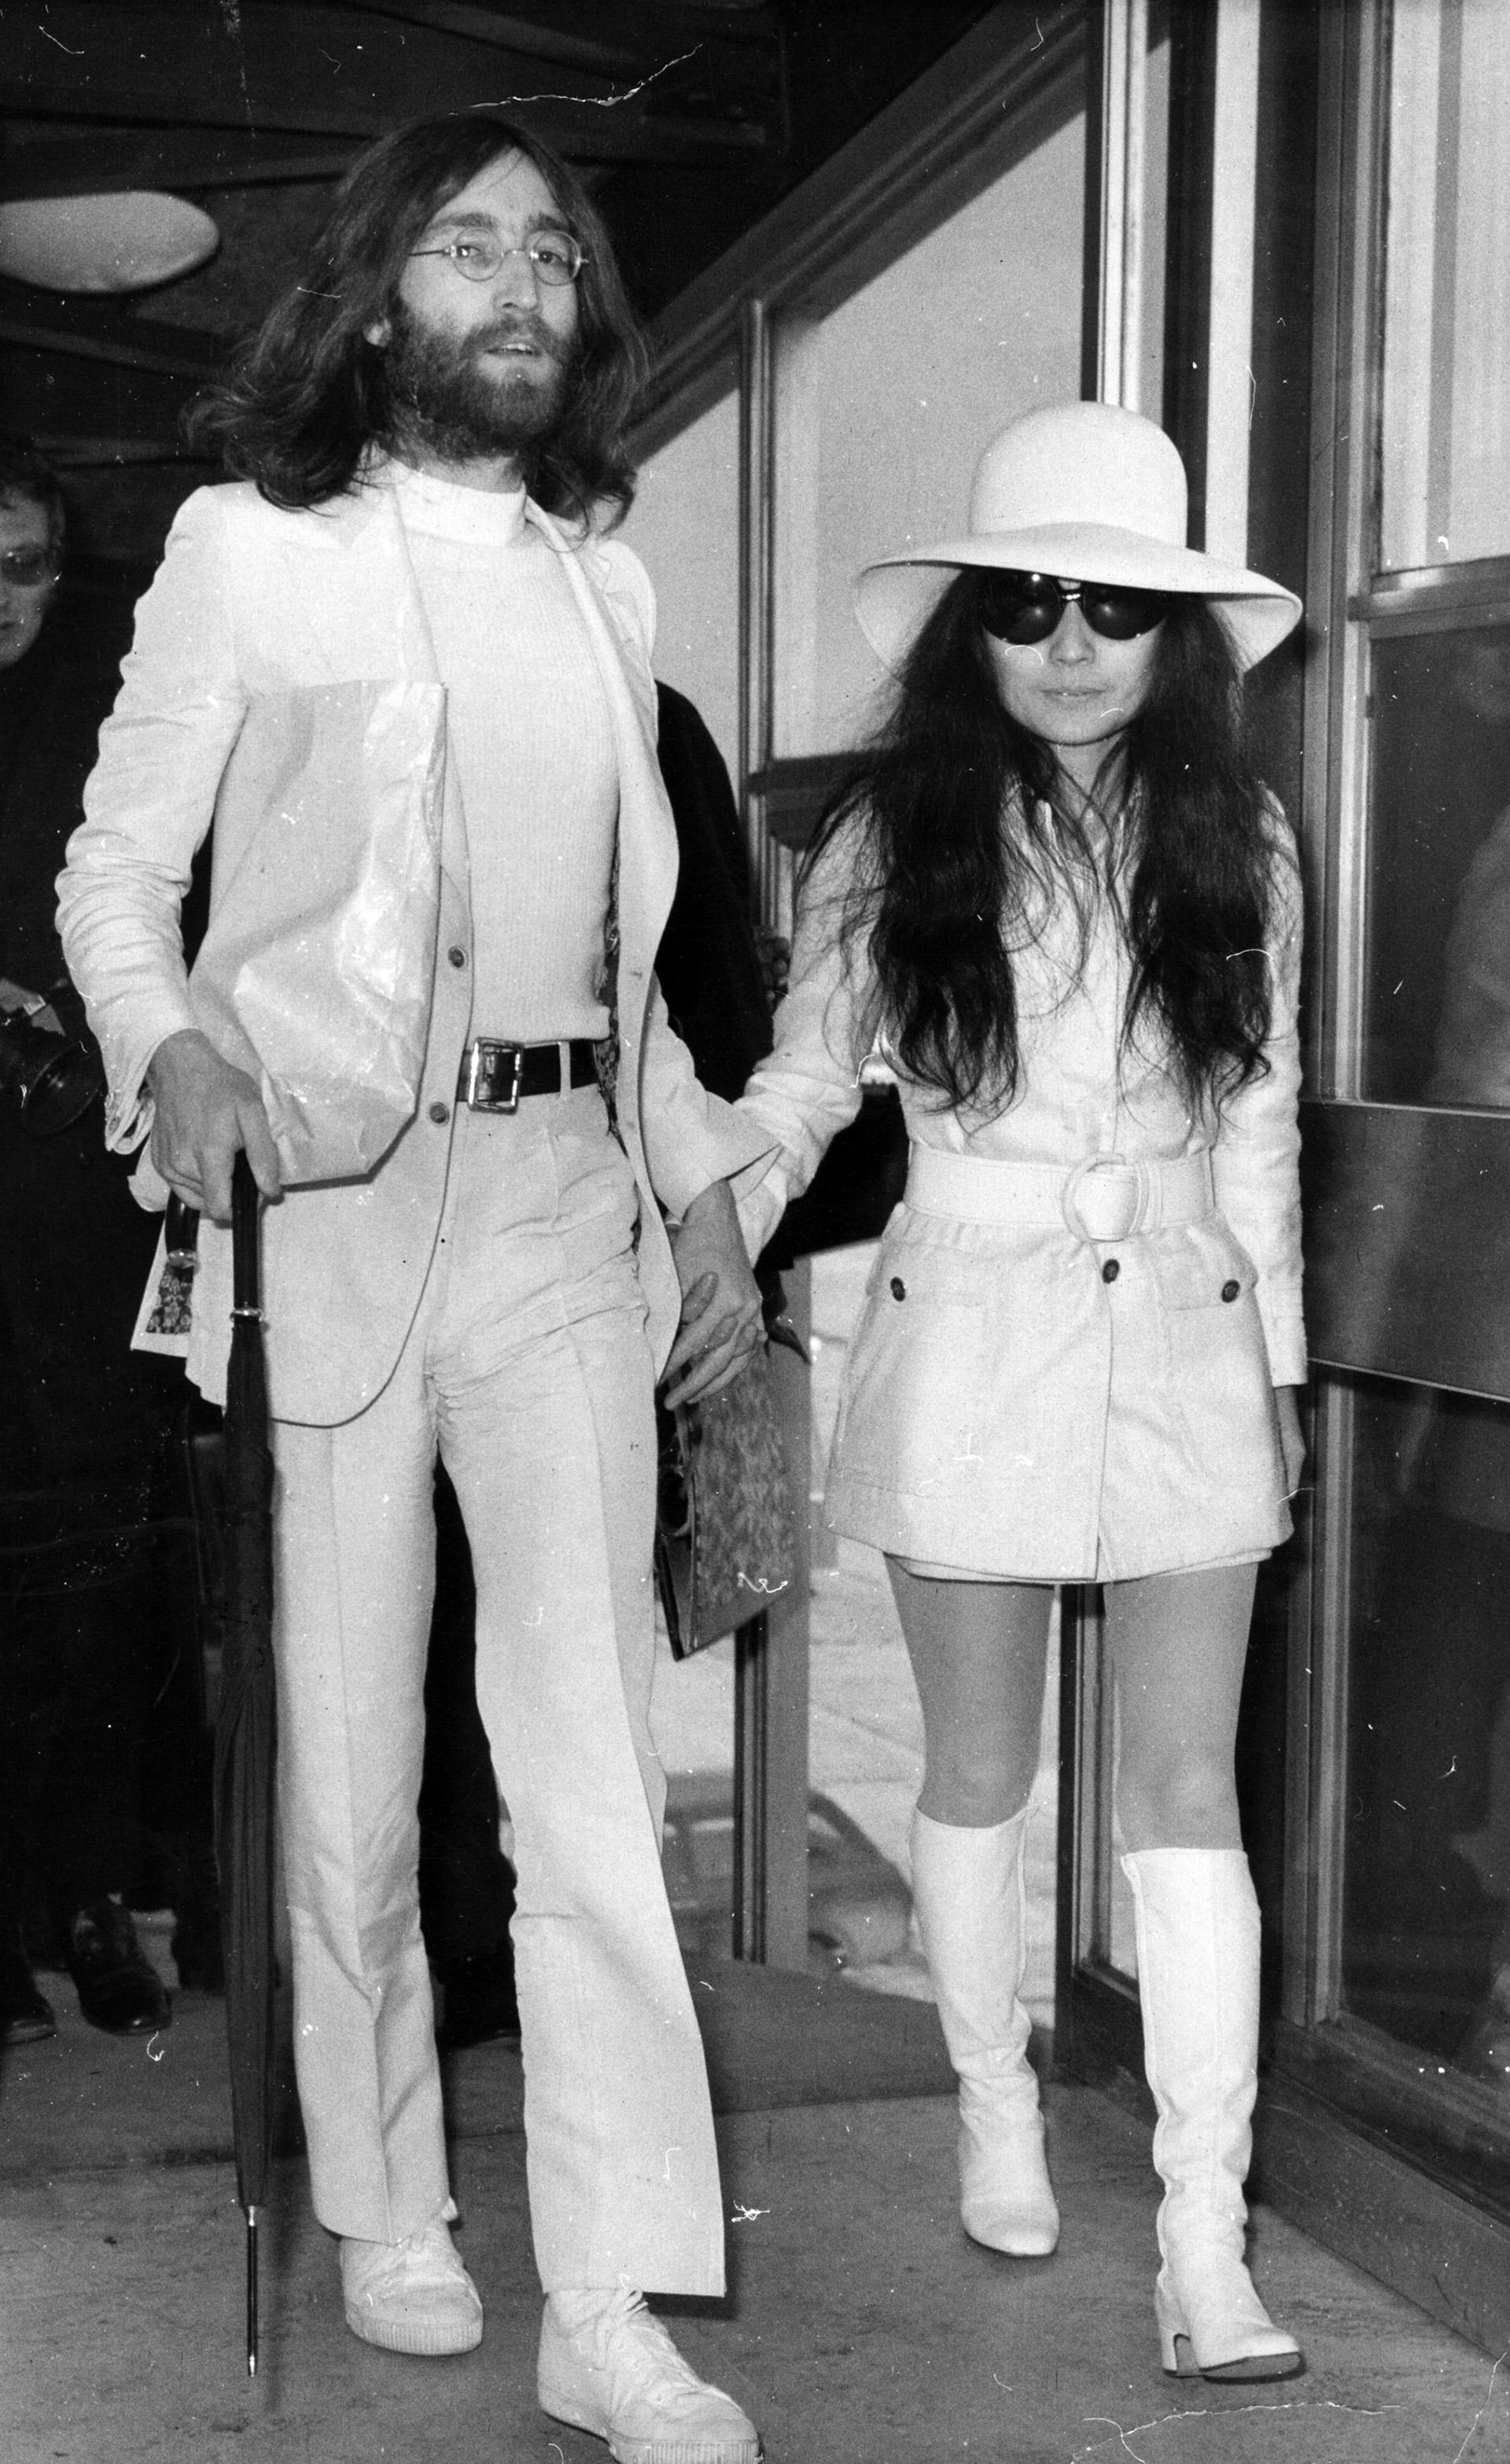 En 1969 John Lennon y Yoko Ono también apoyaron el movimiento a favor de la liberación femenina (Getty Images)